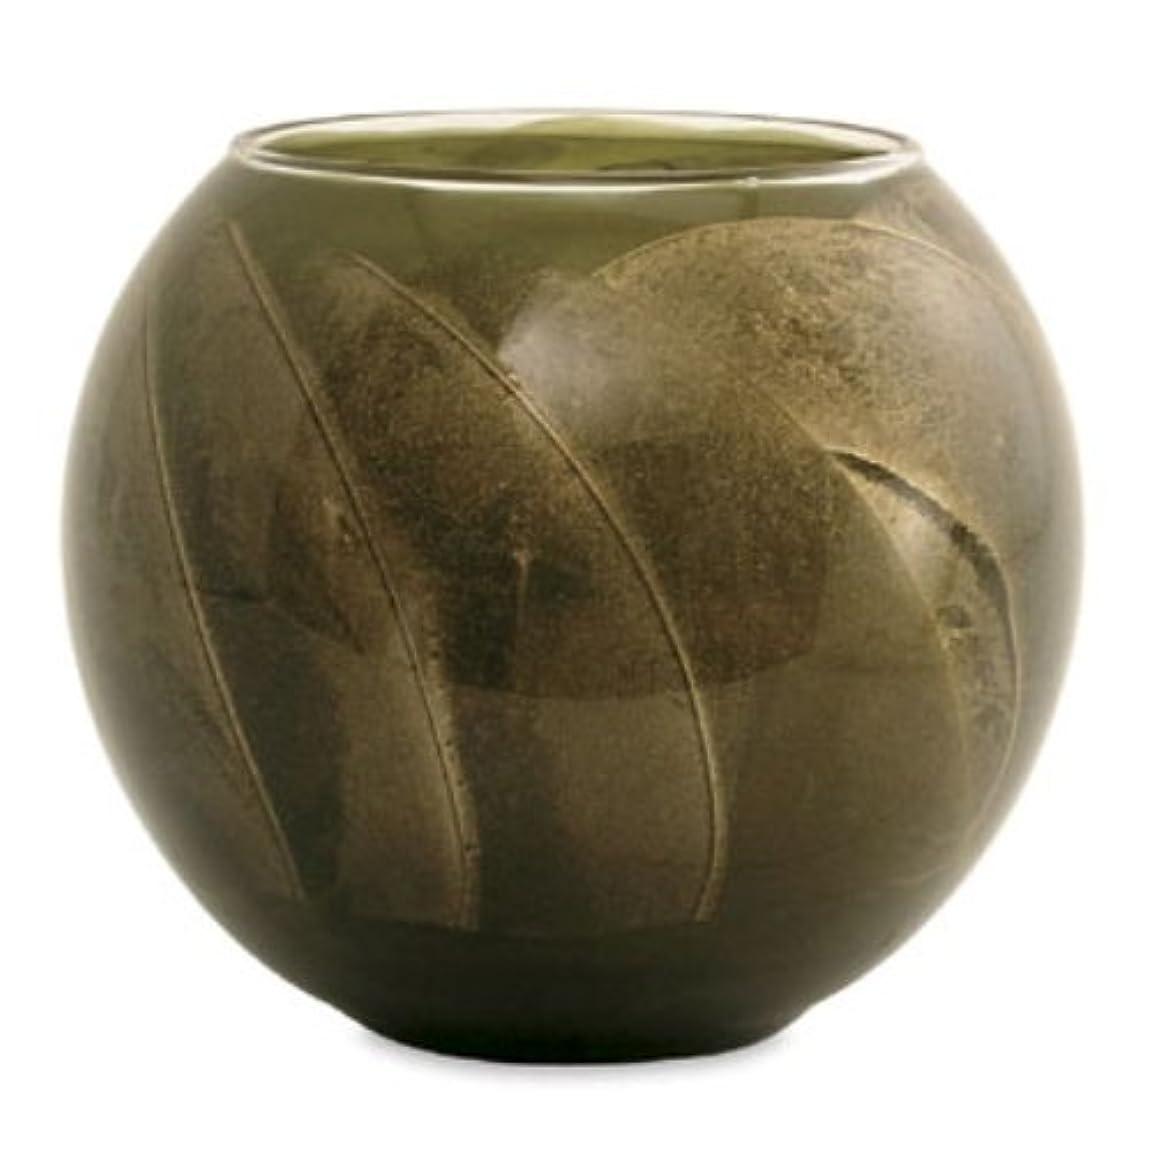 潤滑する疼痛わなNorthern Lights Candles Esque Polished Globe - 4 inch Olive by Northern Lights Candles [並行輸入品]